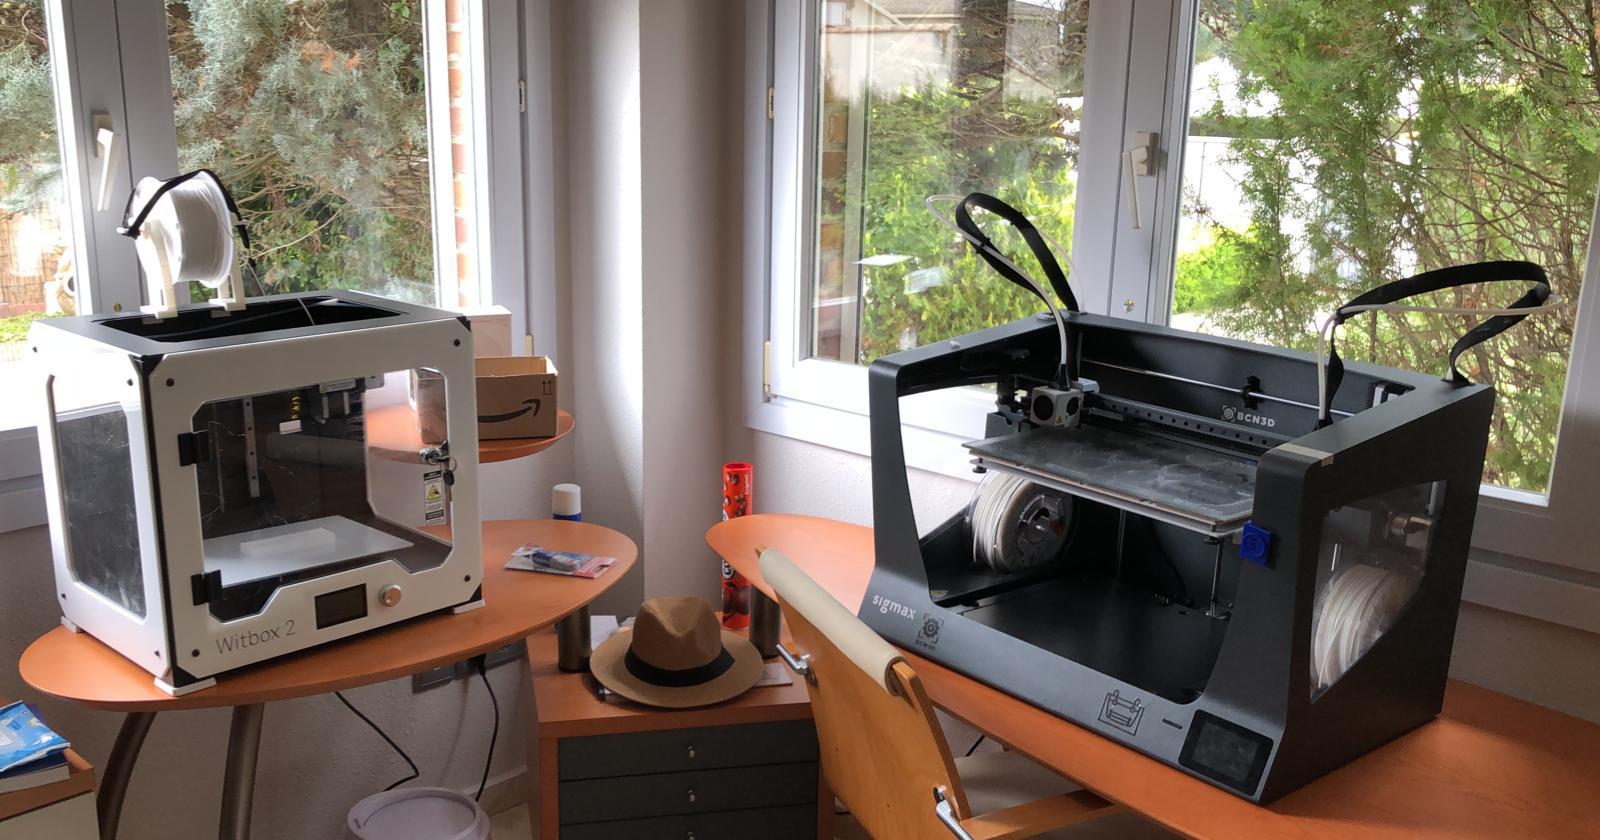 Dos de las impresoras 3D que usan los alumnos y profesores para fabricar el material